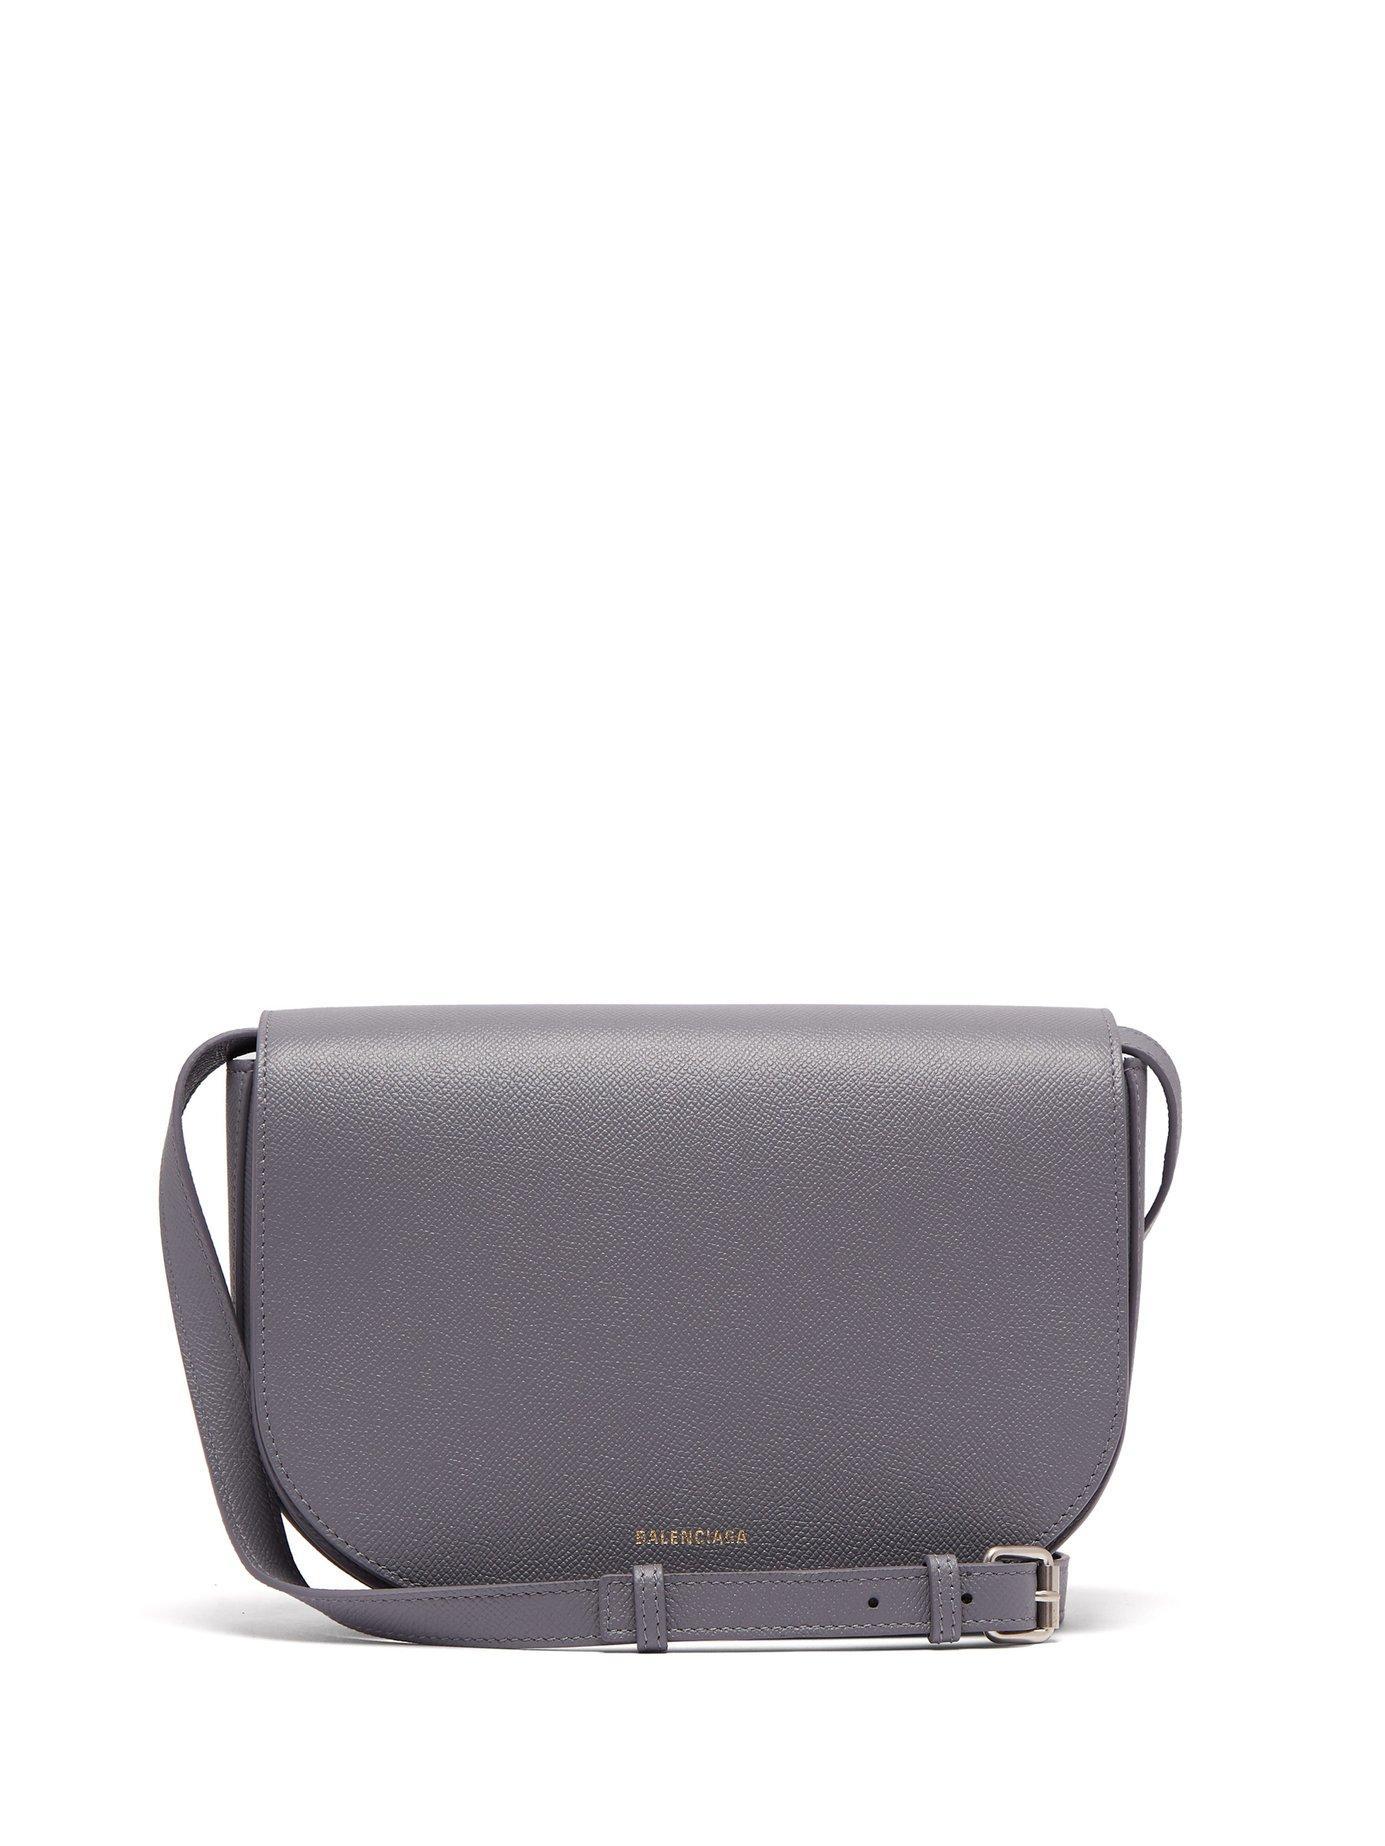 Balenciaga Ville S Cross-body Bag In Grey White